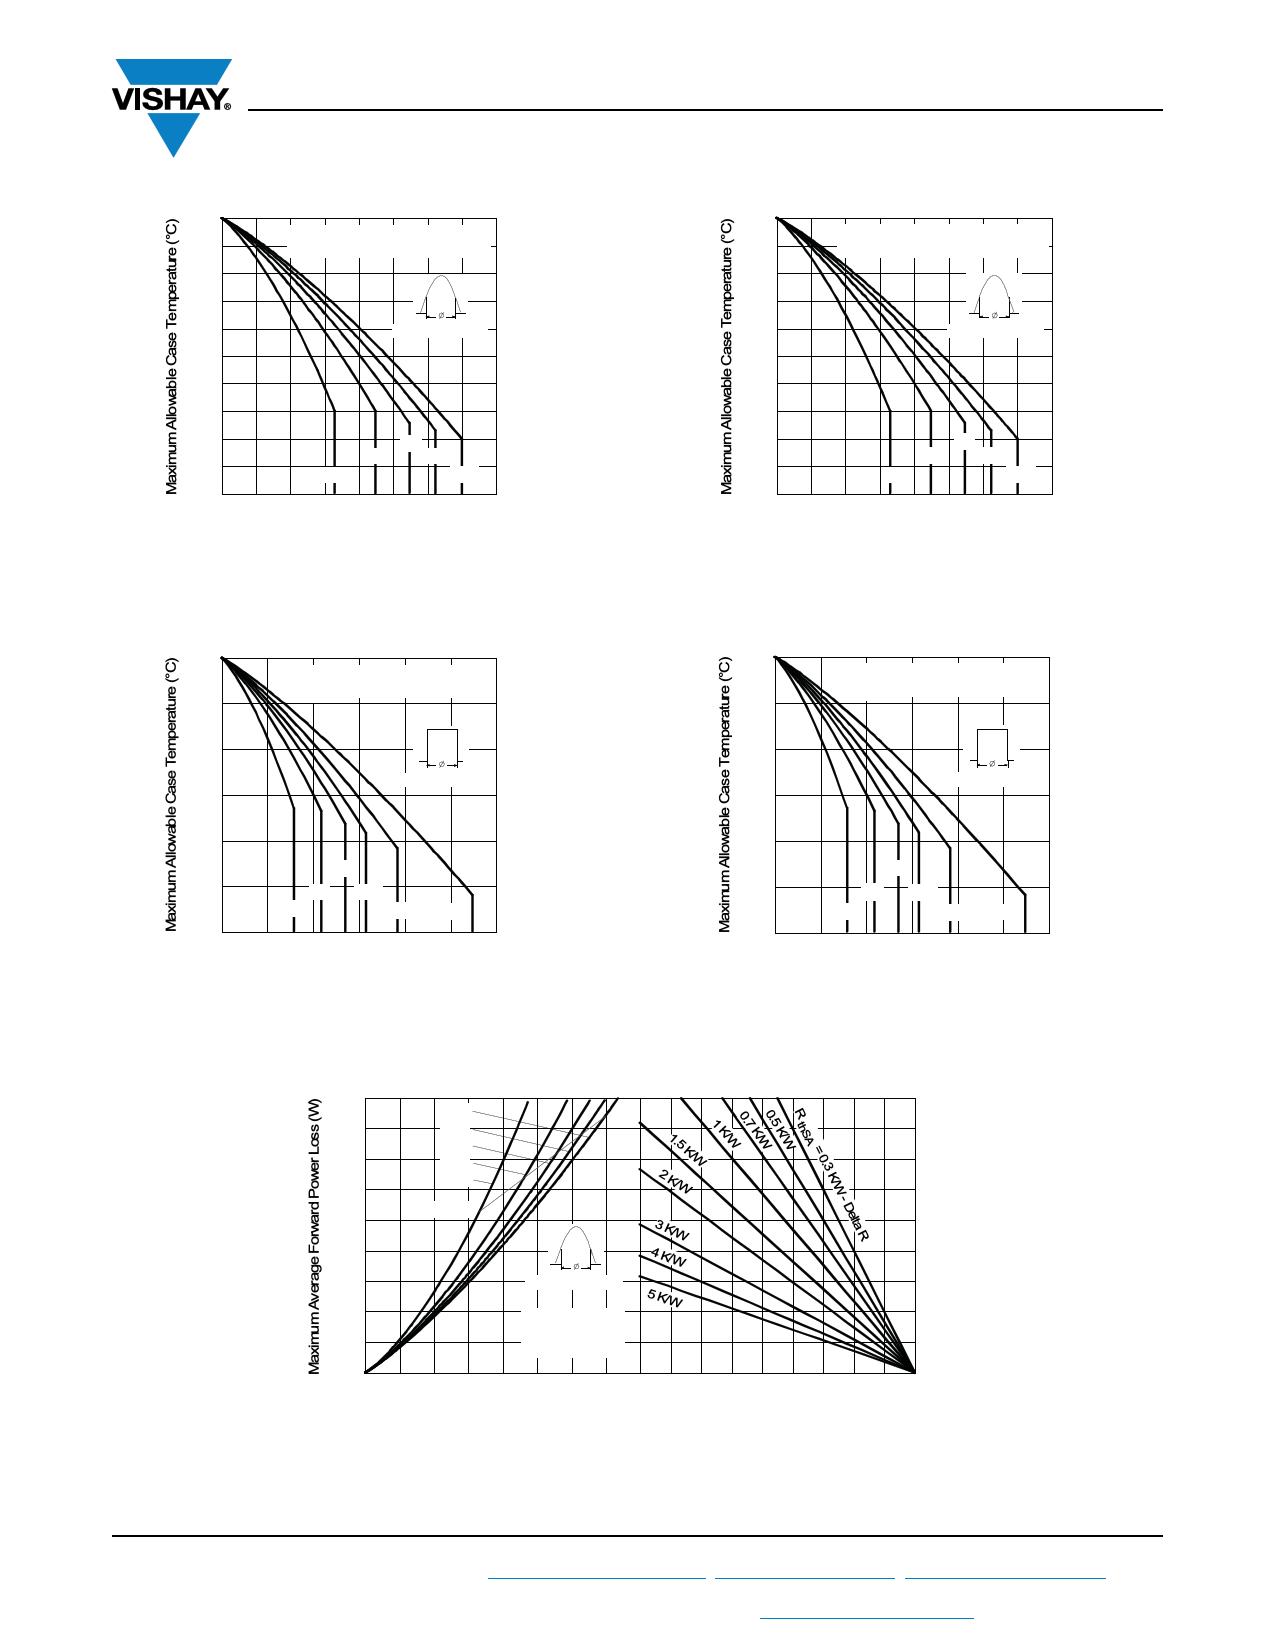 VS-72HFR160 pdf, ピン配列